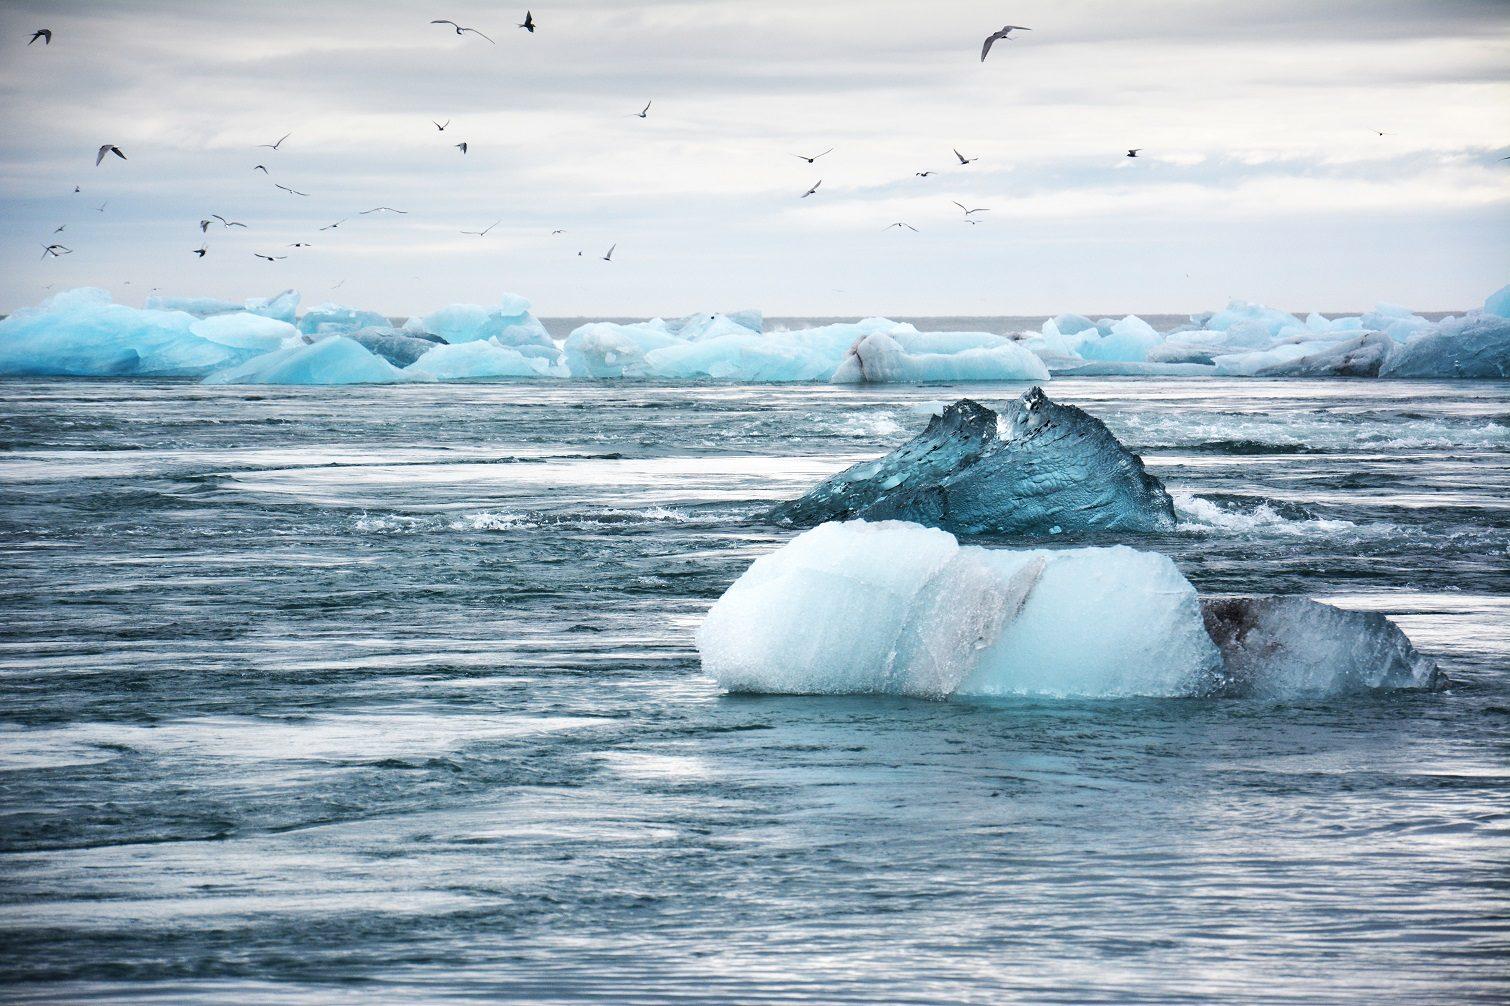 ice berg on ocean